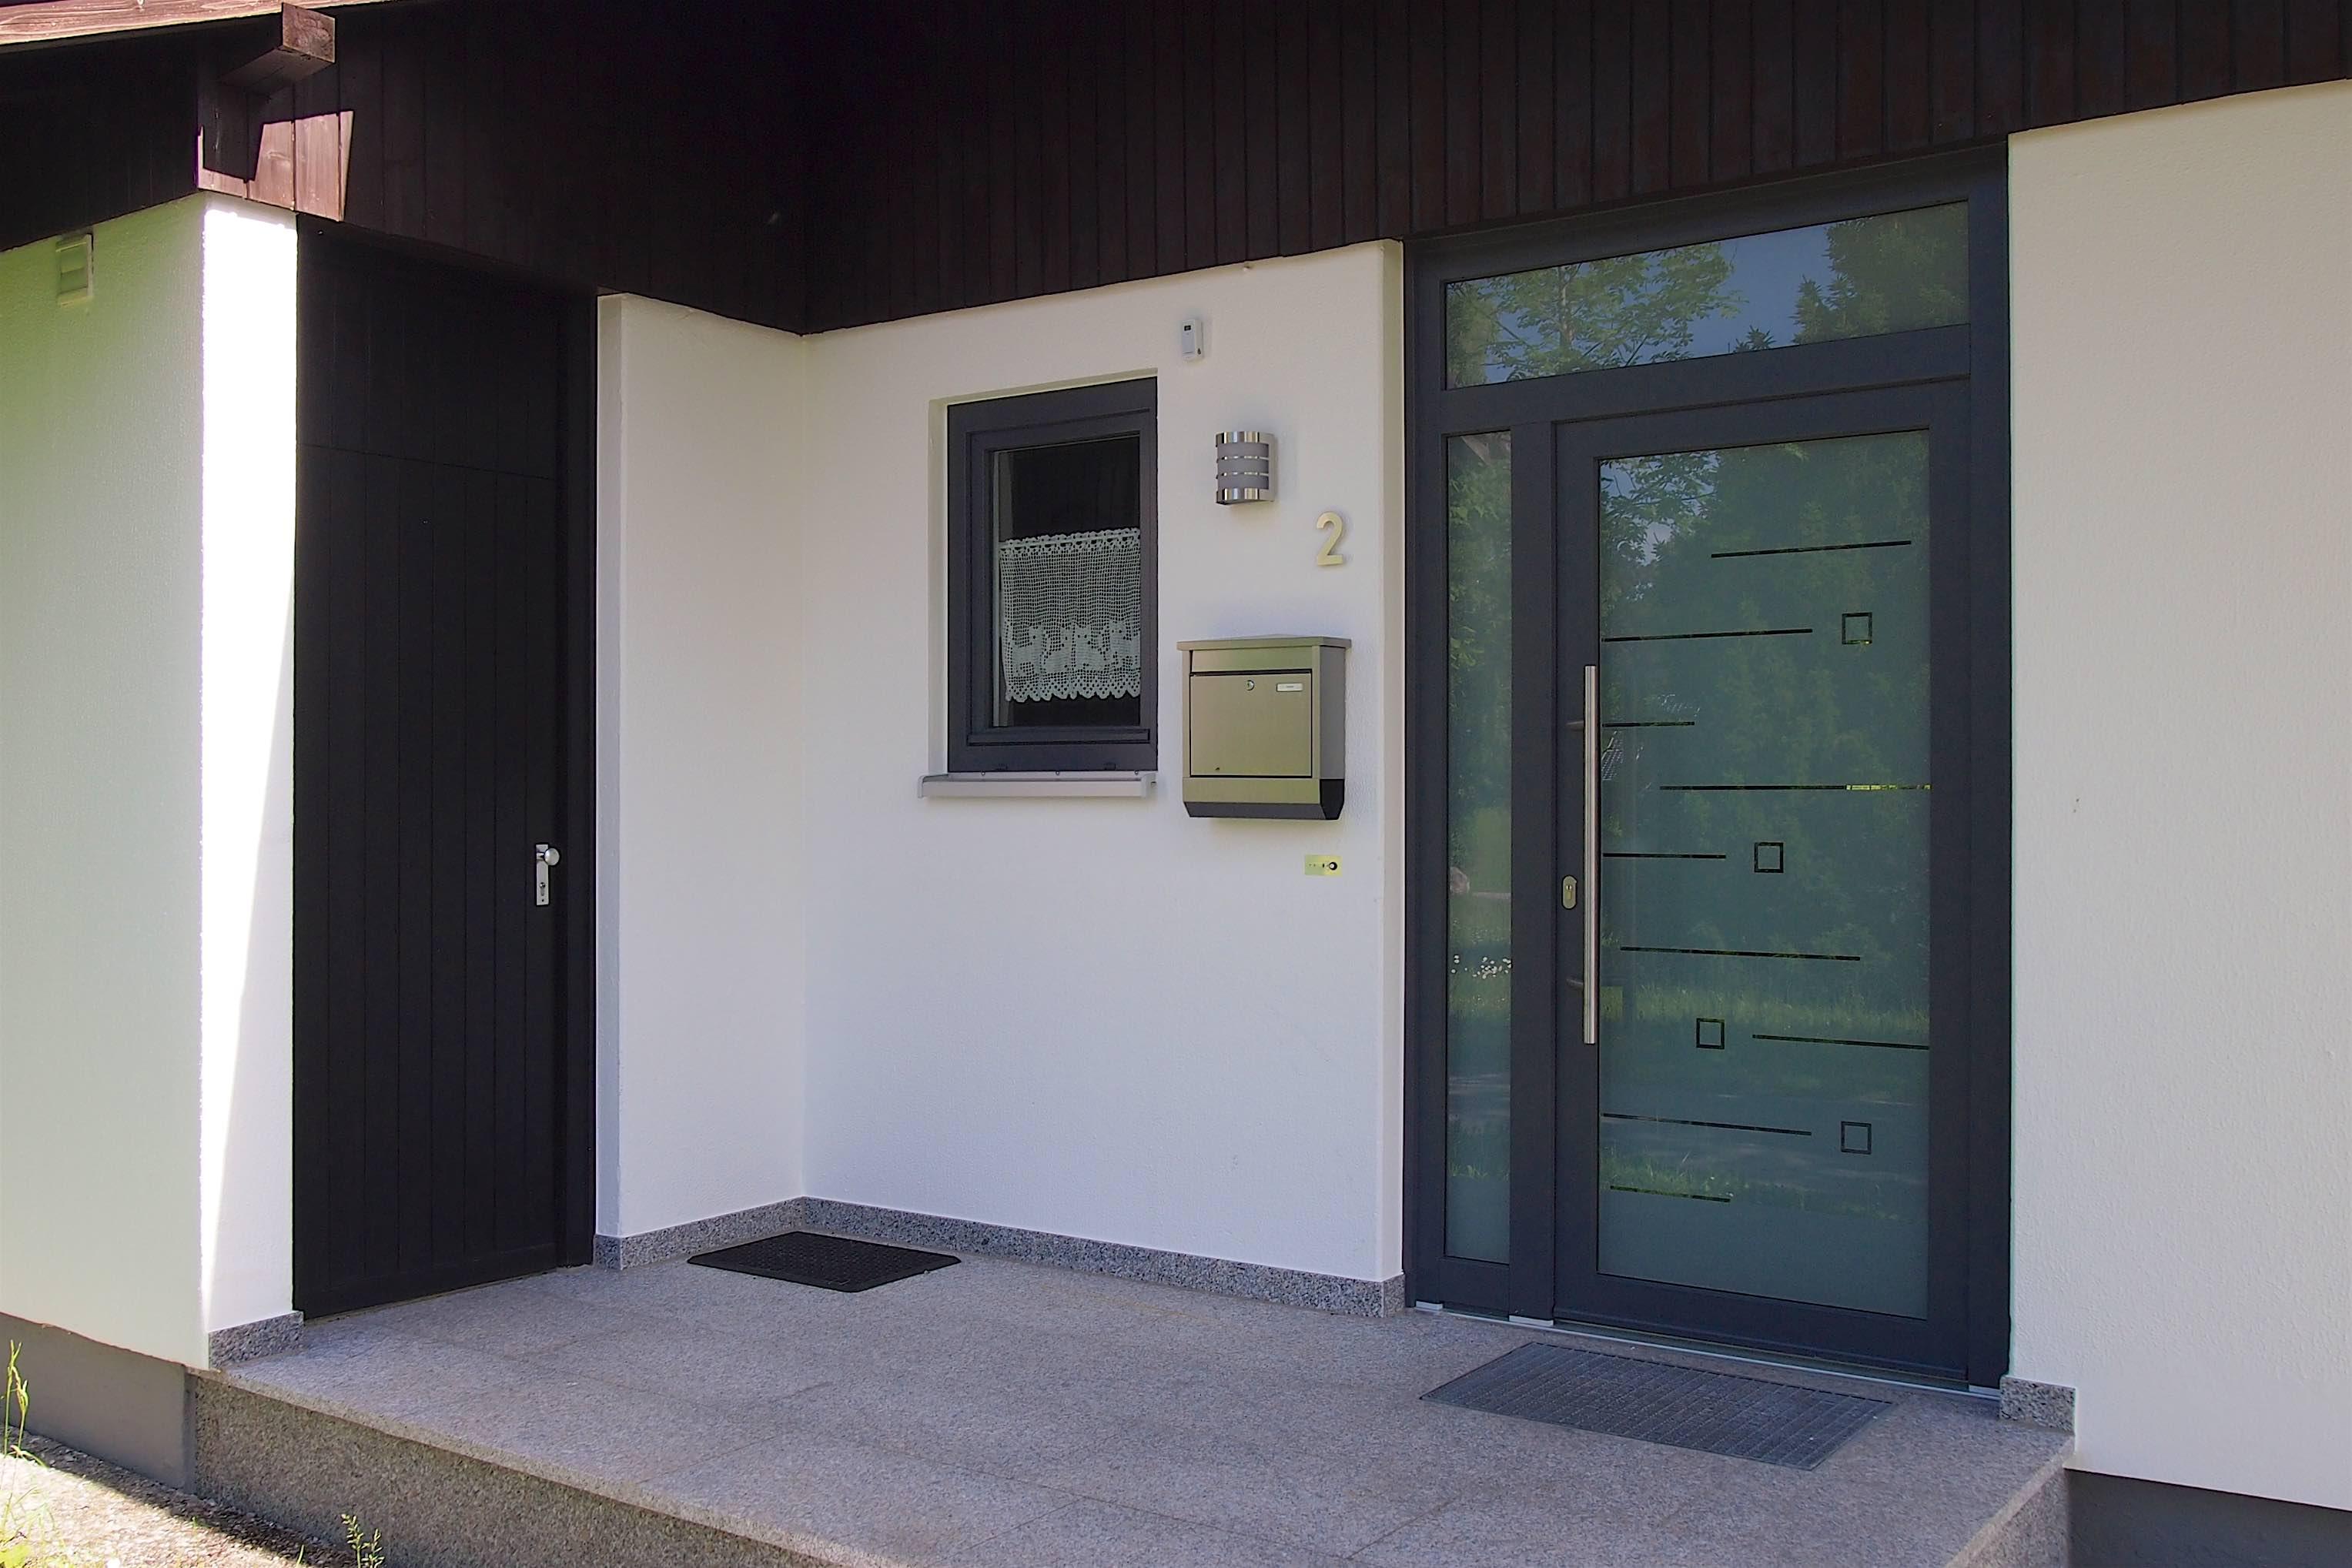 Hauseingang:Der einladend gestaltete Eingangsbereich